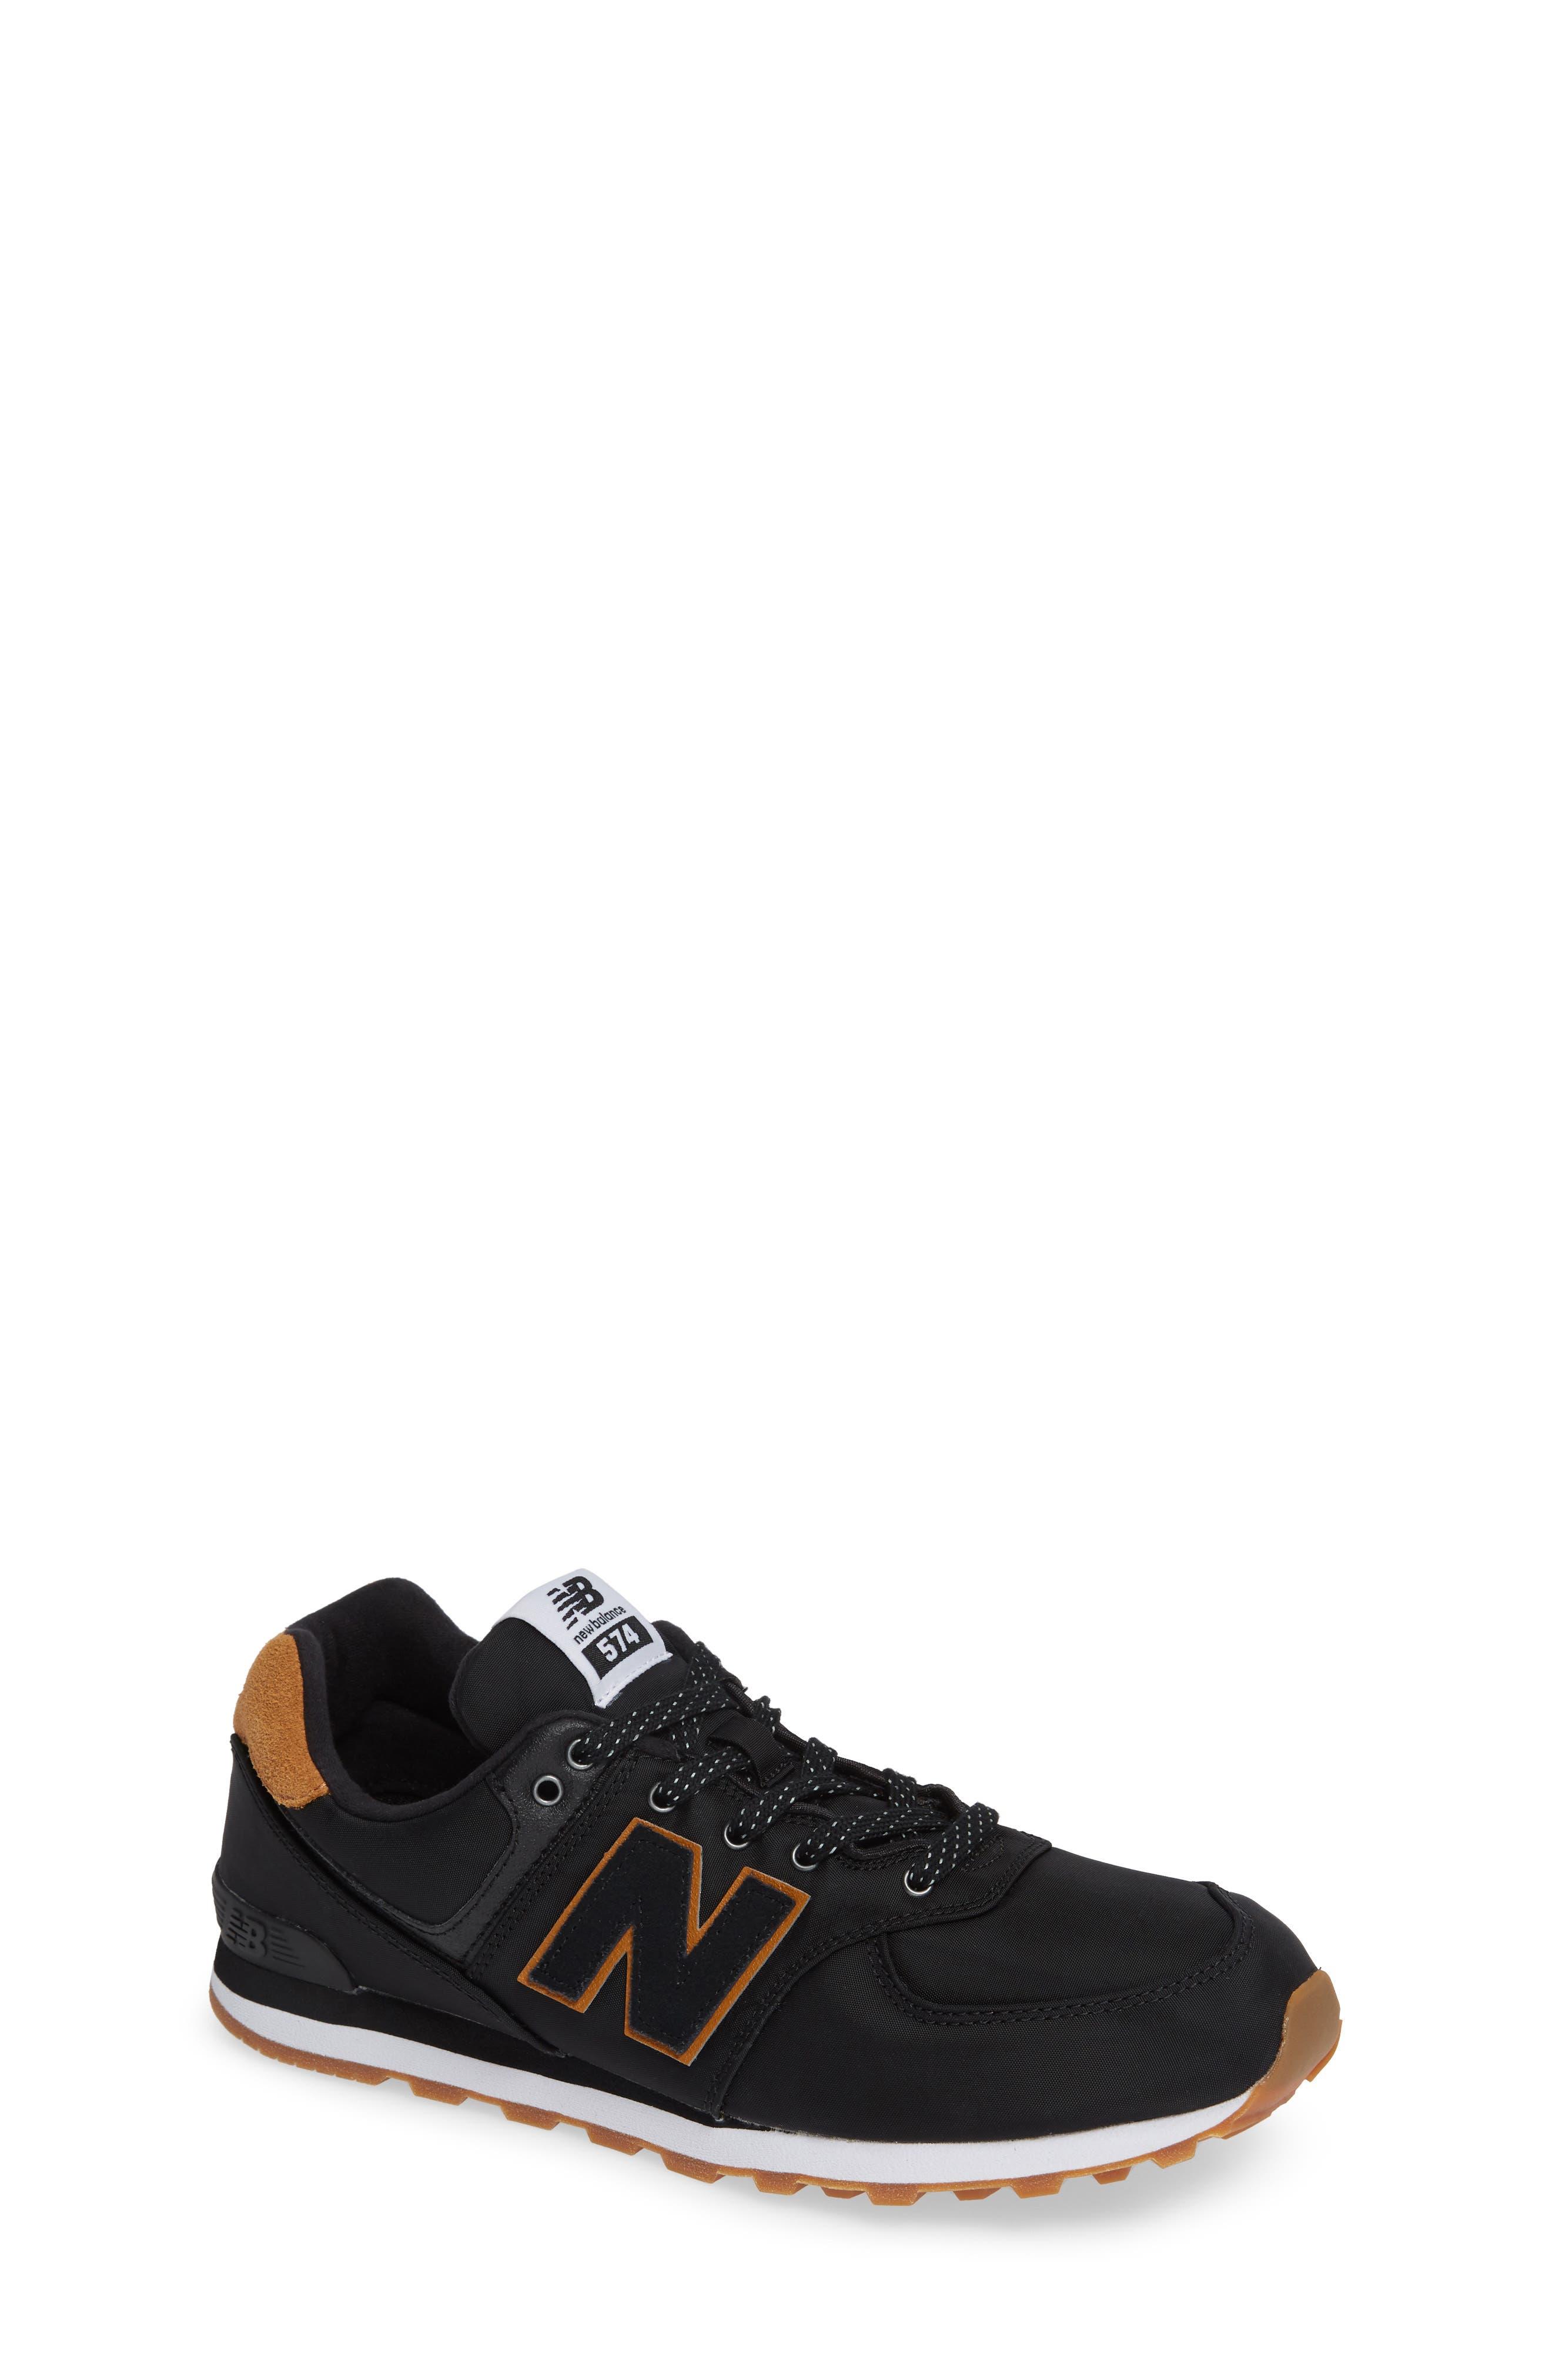 574 Essentials Sneaker,                         Main,                         color, BLACK/ WHITE